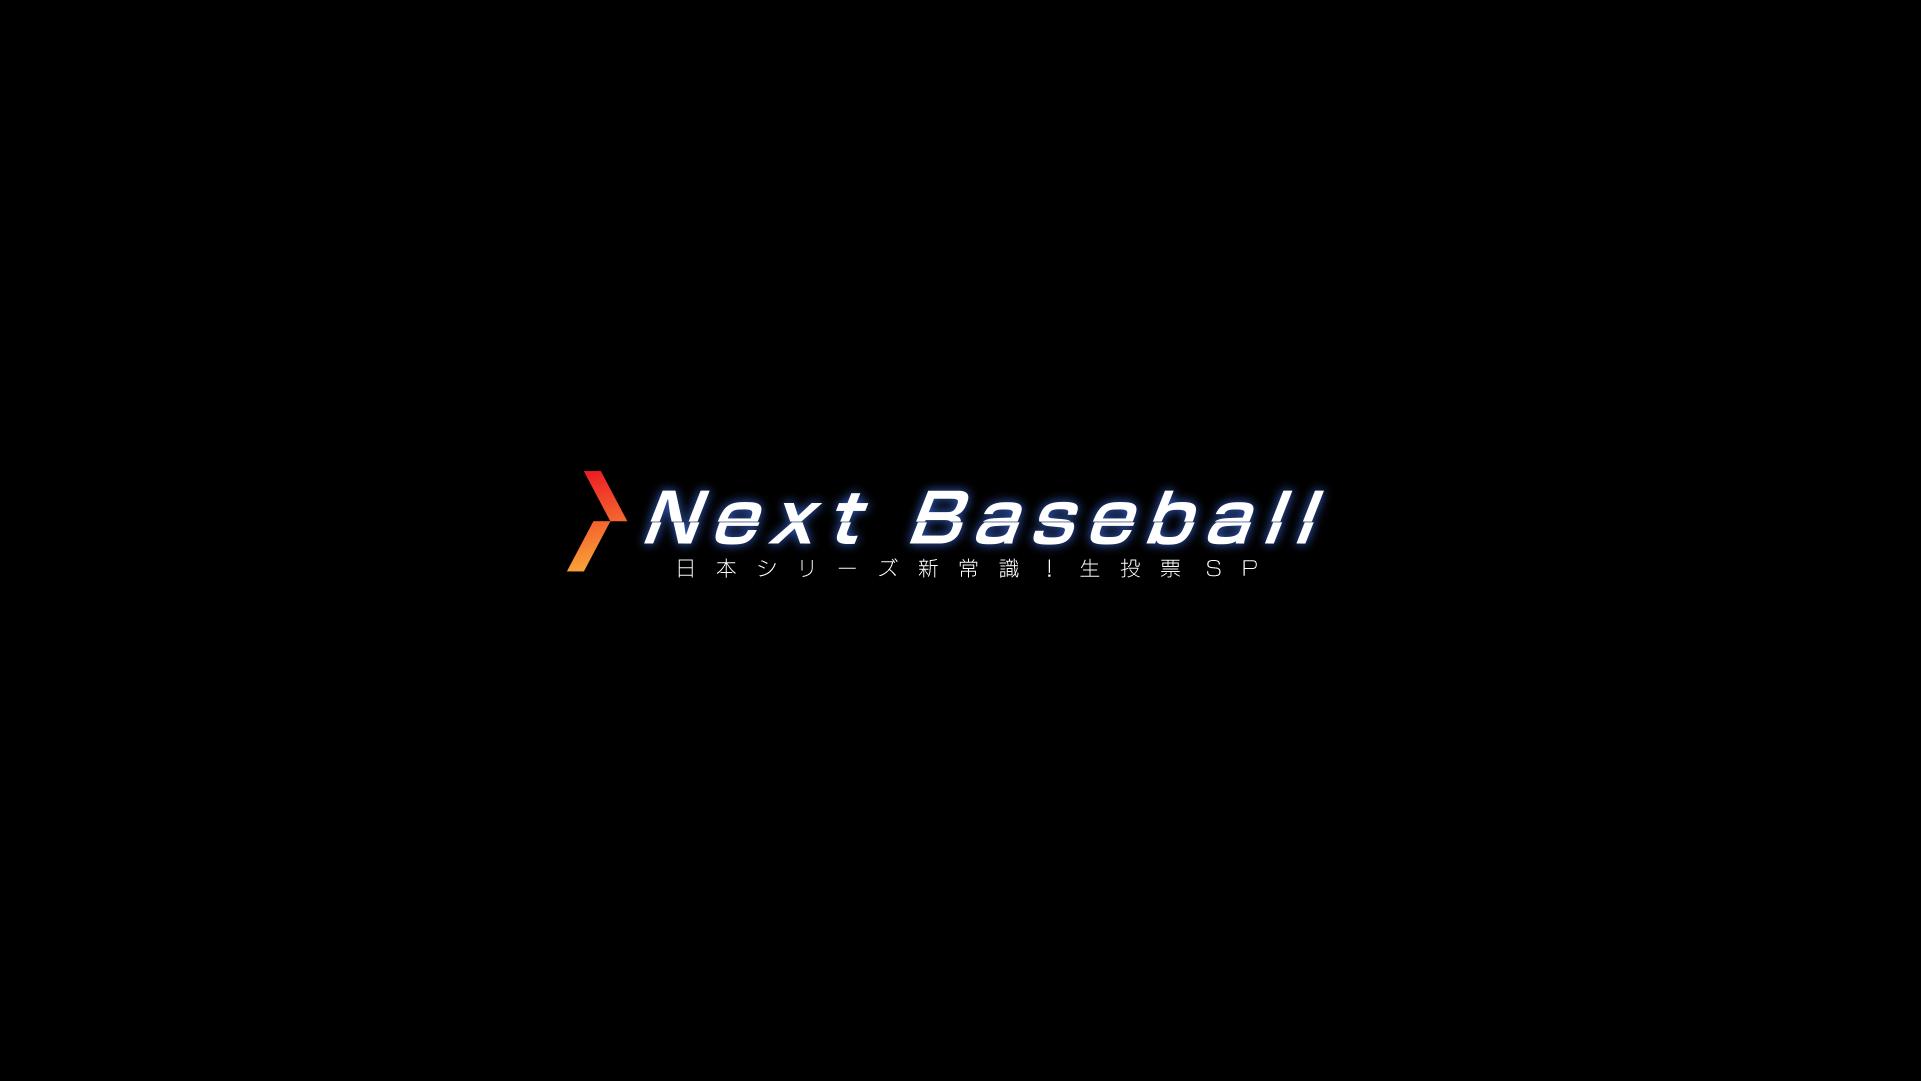 11月20日(金)19:00 O.A.<br>dTVチャンネル「Next Baseball ~日本シリーズ新常識!! 生投票SP~マニアックなデータで検証する2020年の日本シリーズ 」